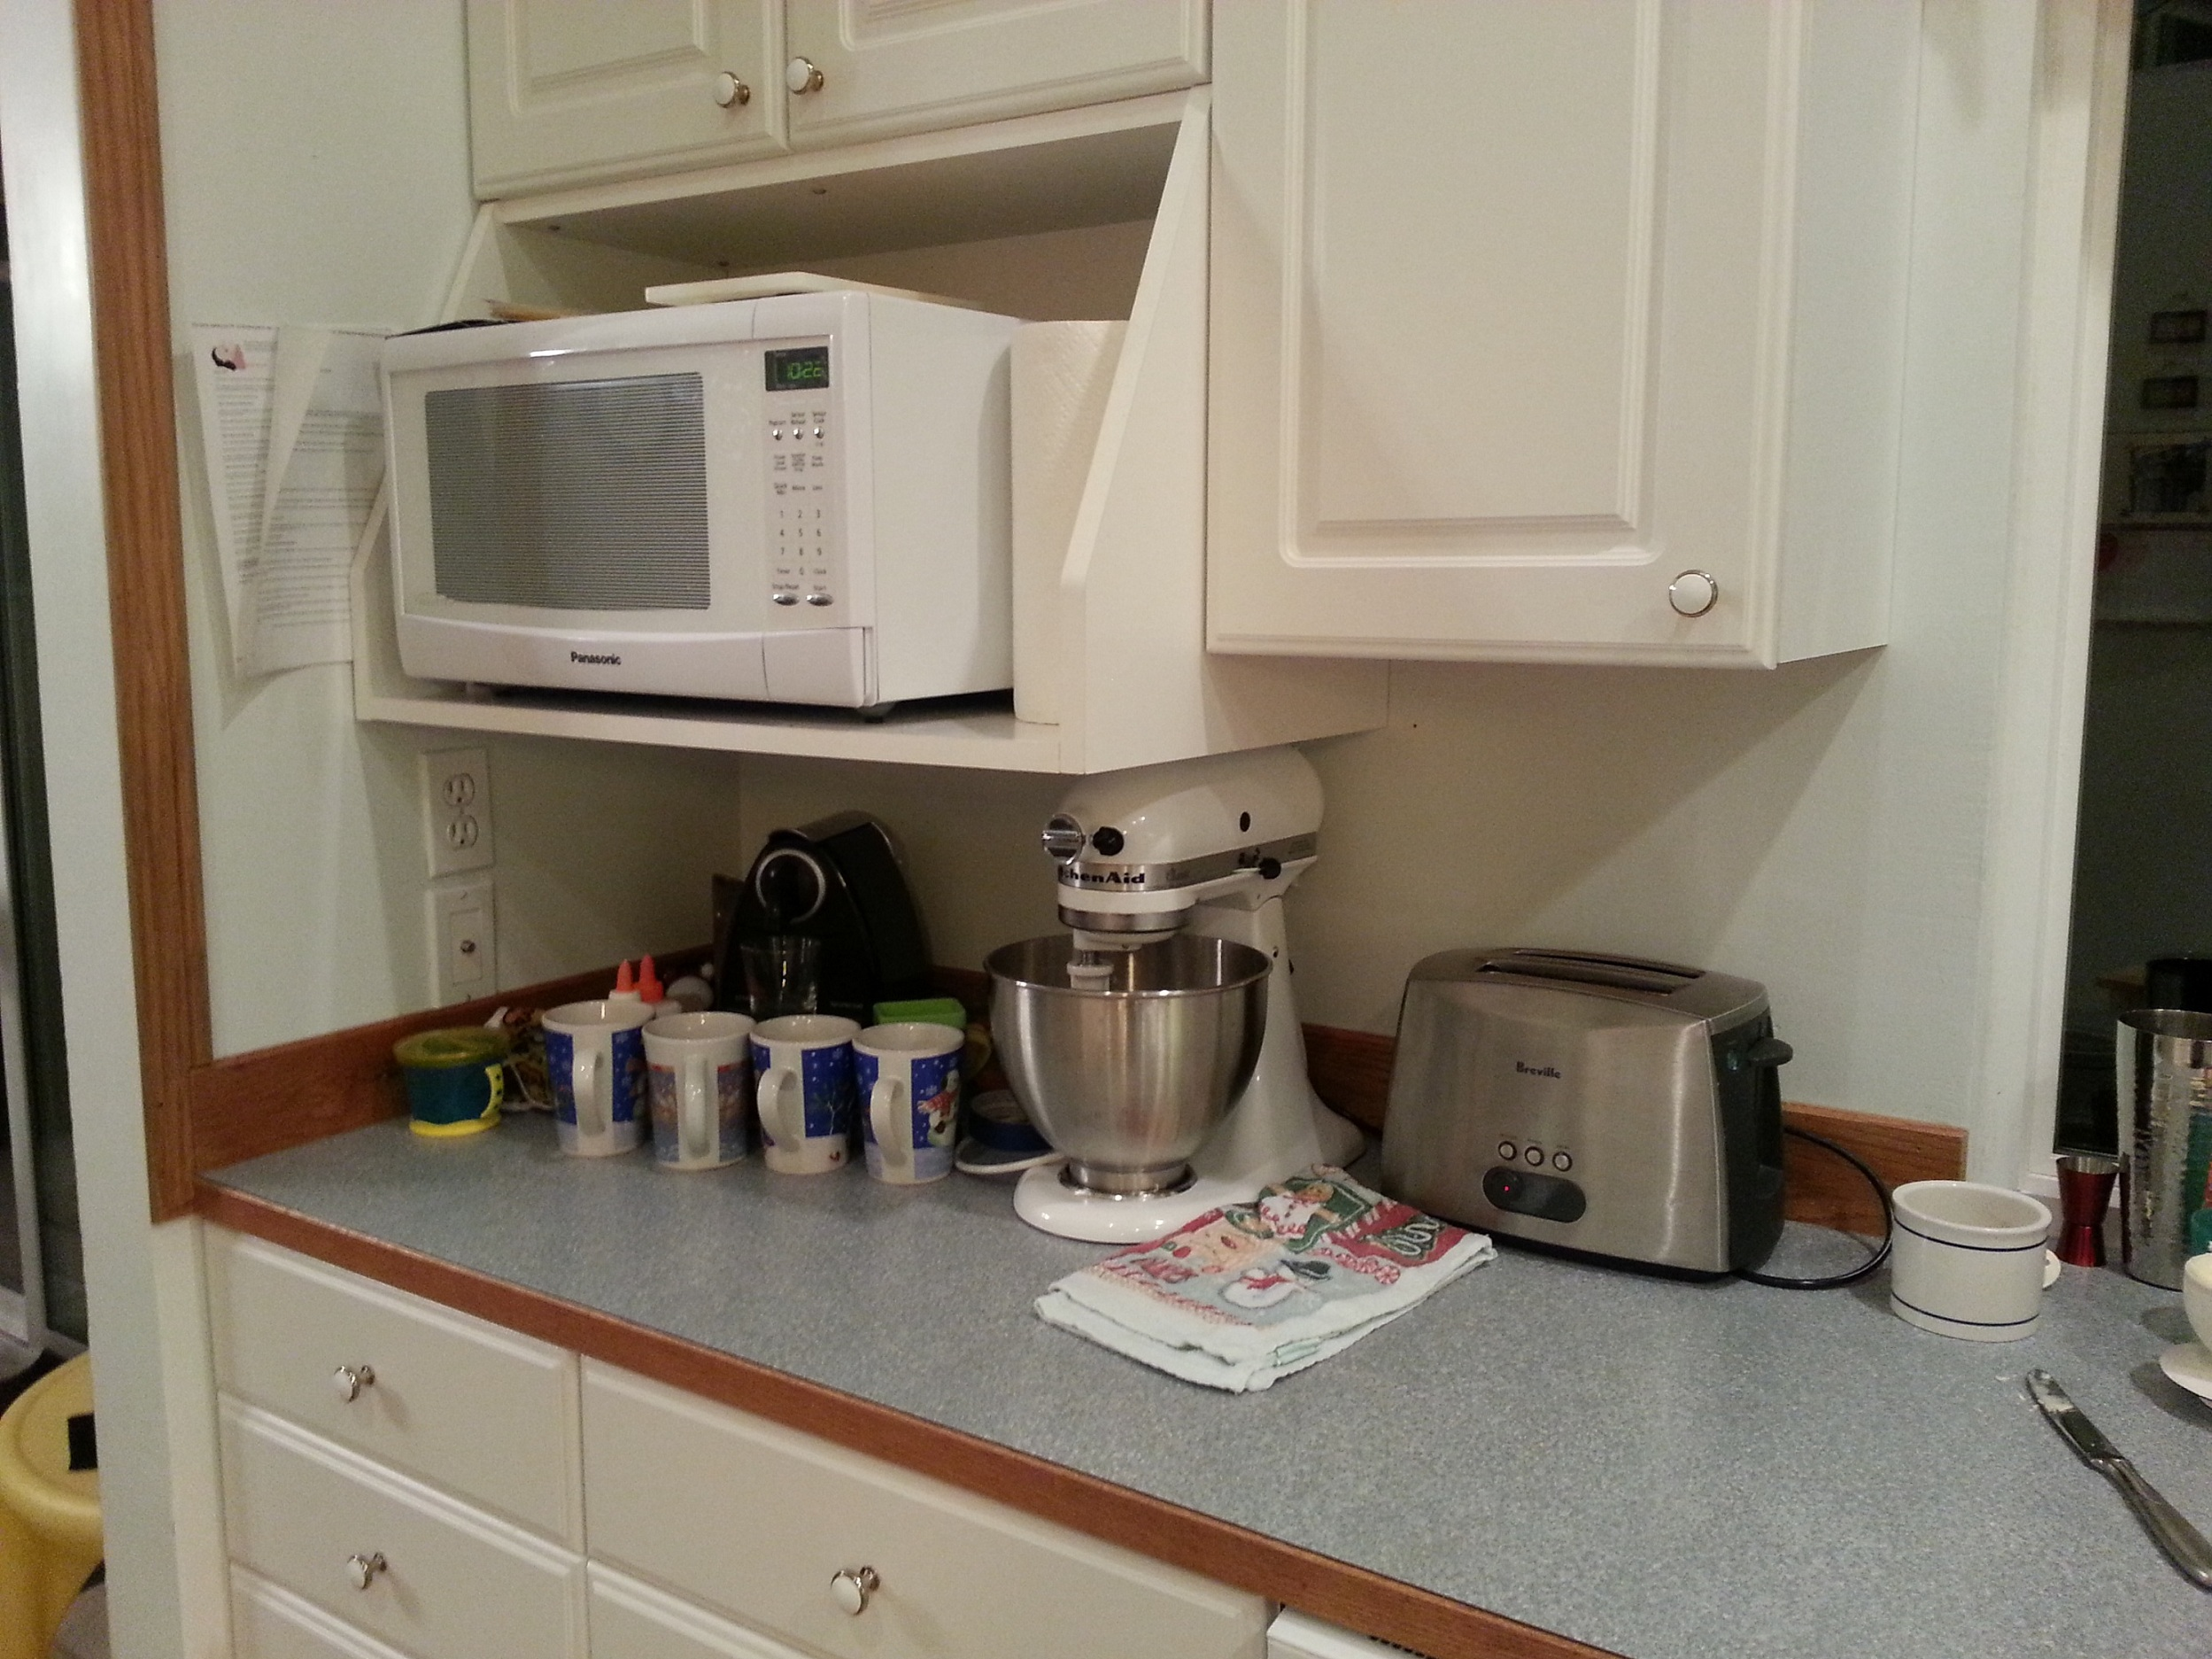 kitchen backsplash color countertop kitchen laminate kitchen backsplash options remove